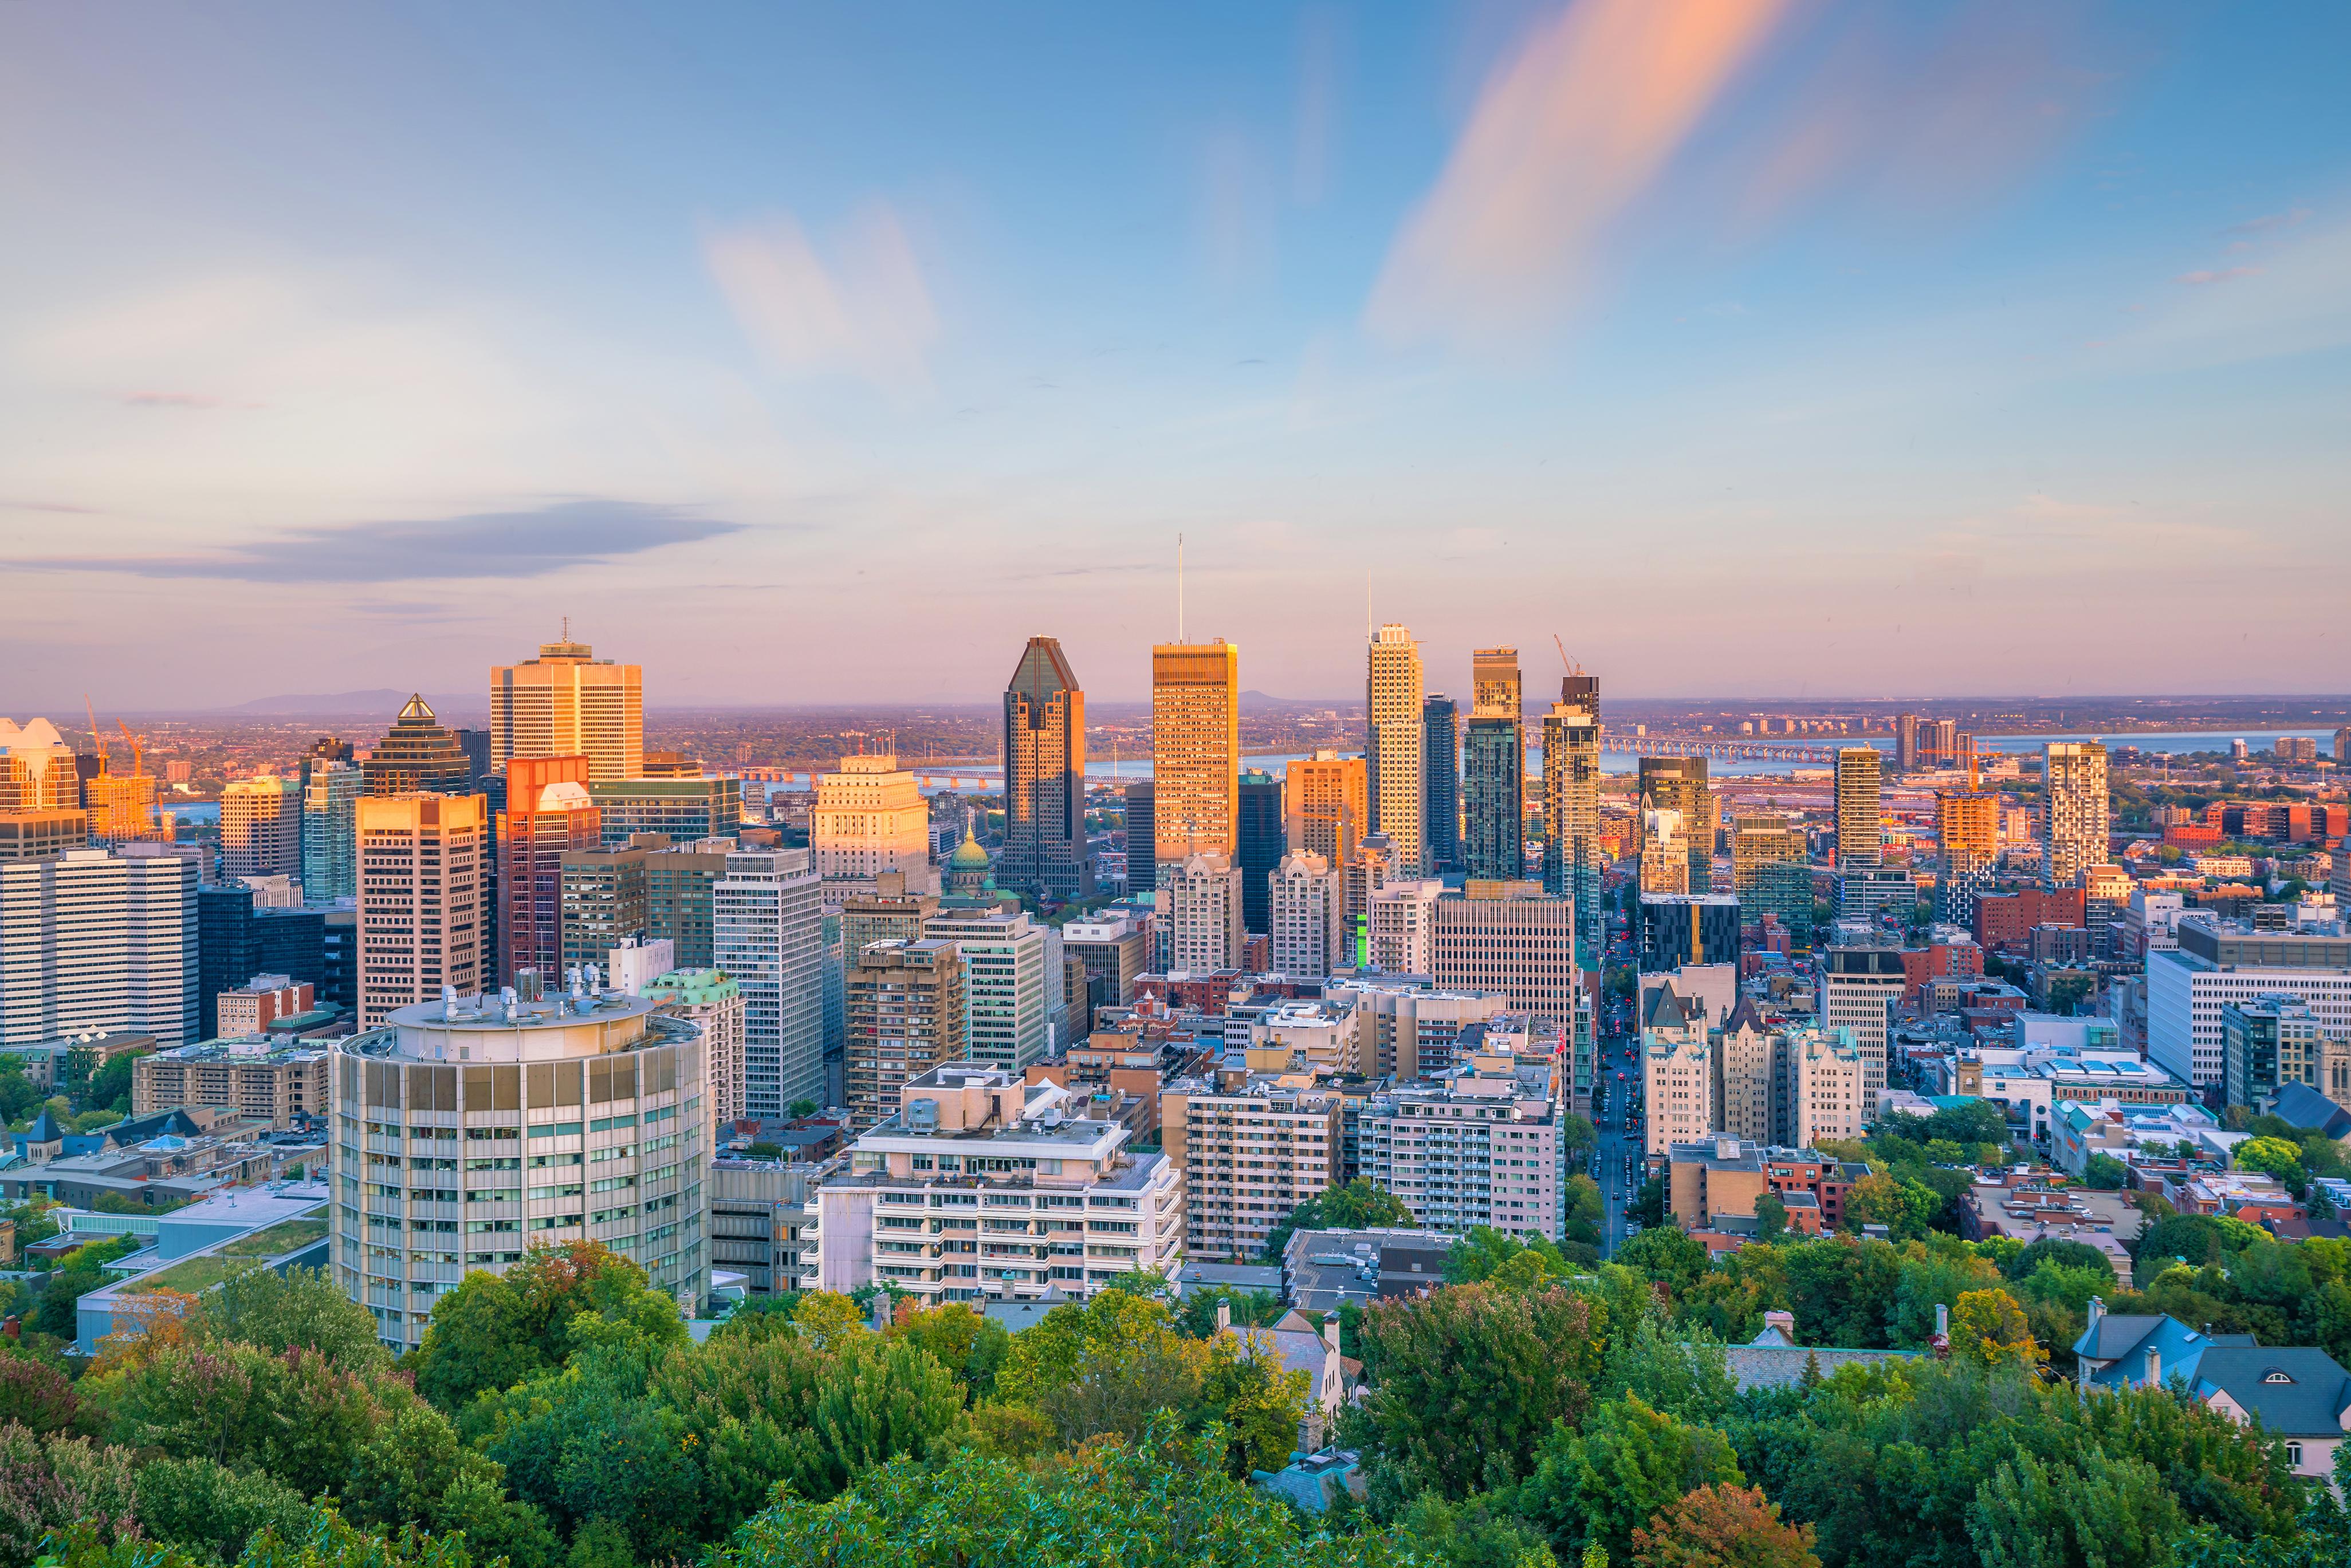 Здания города, куда можно иммигрировать по канадской визе